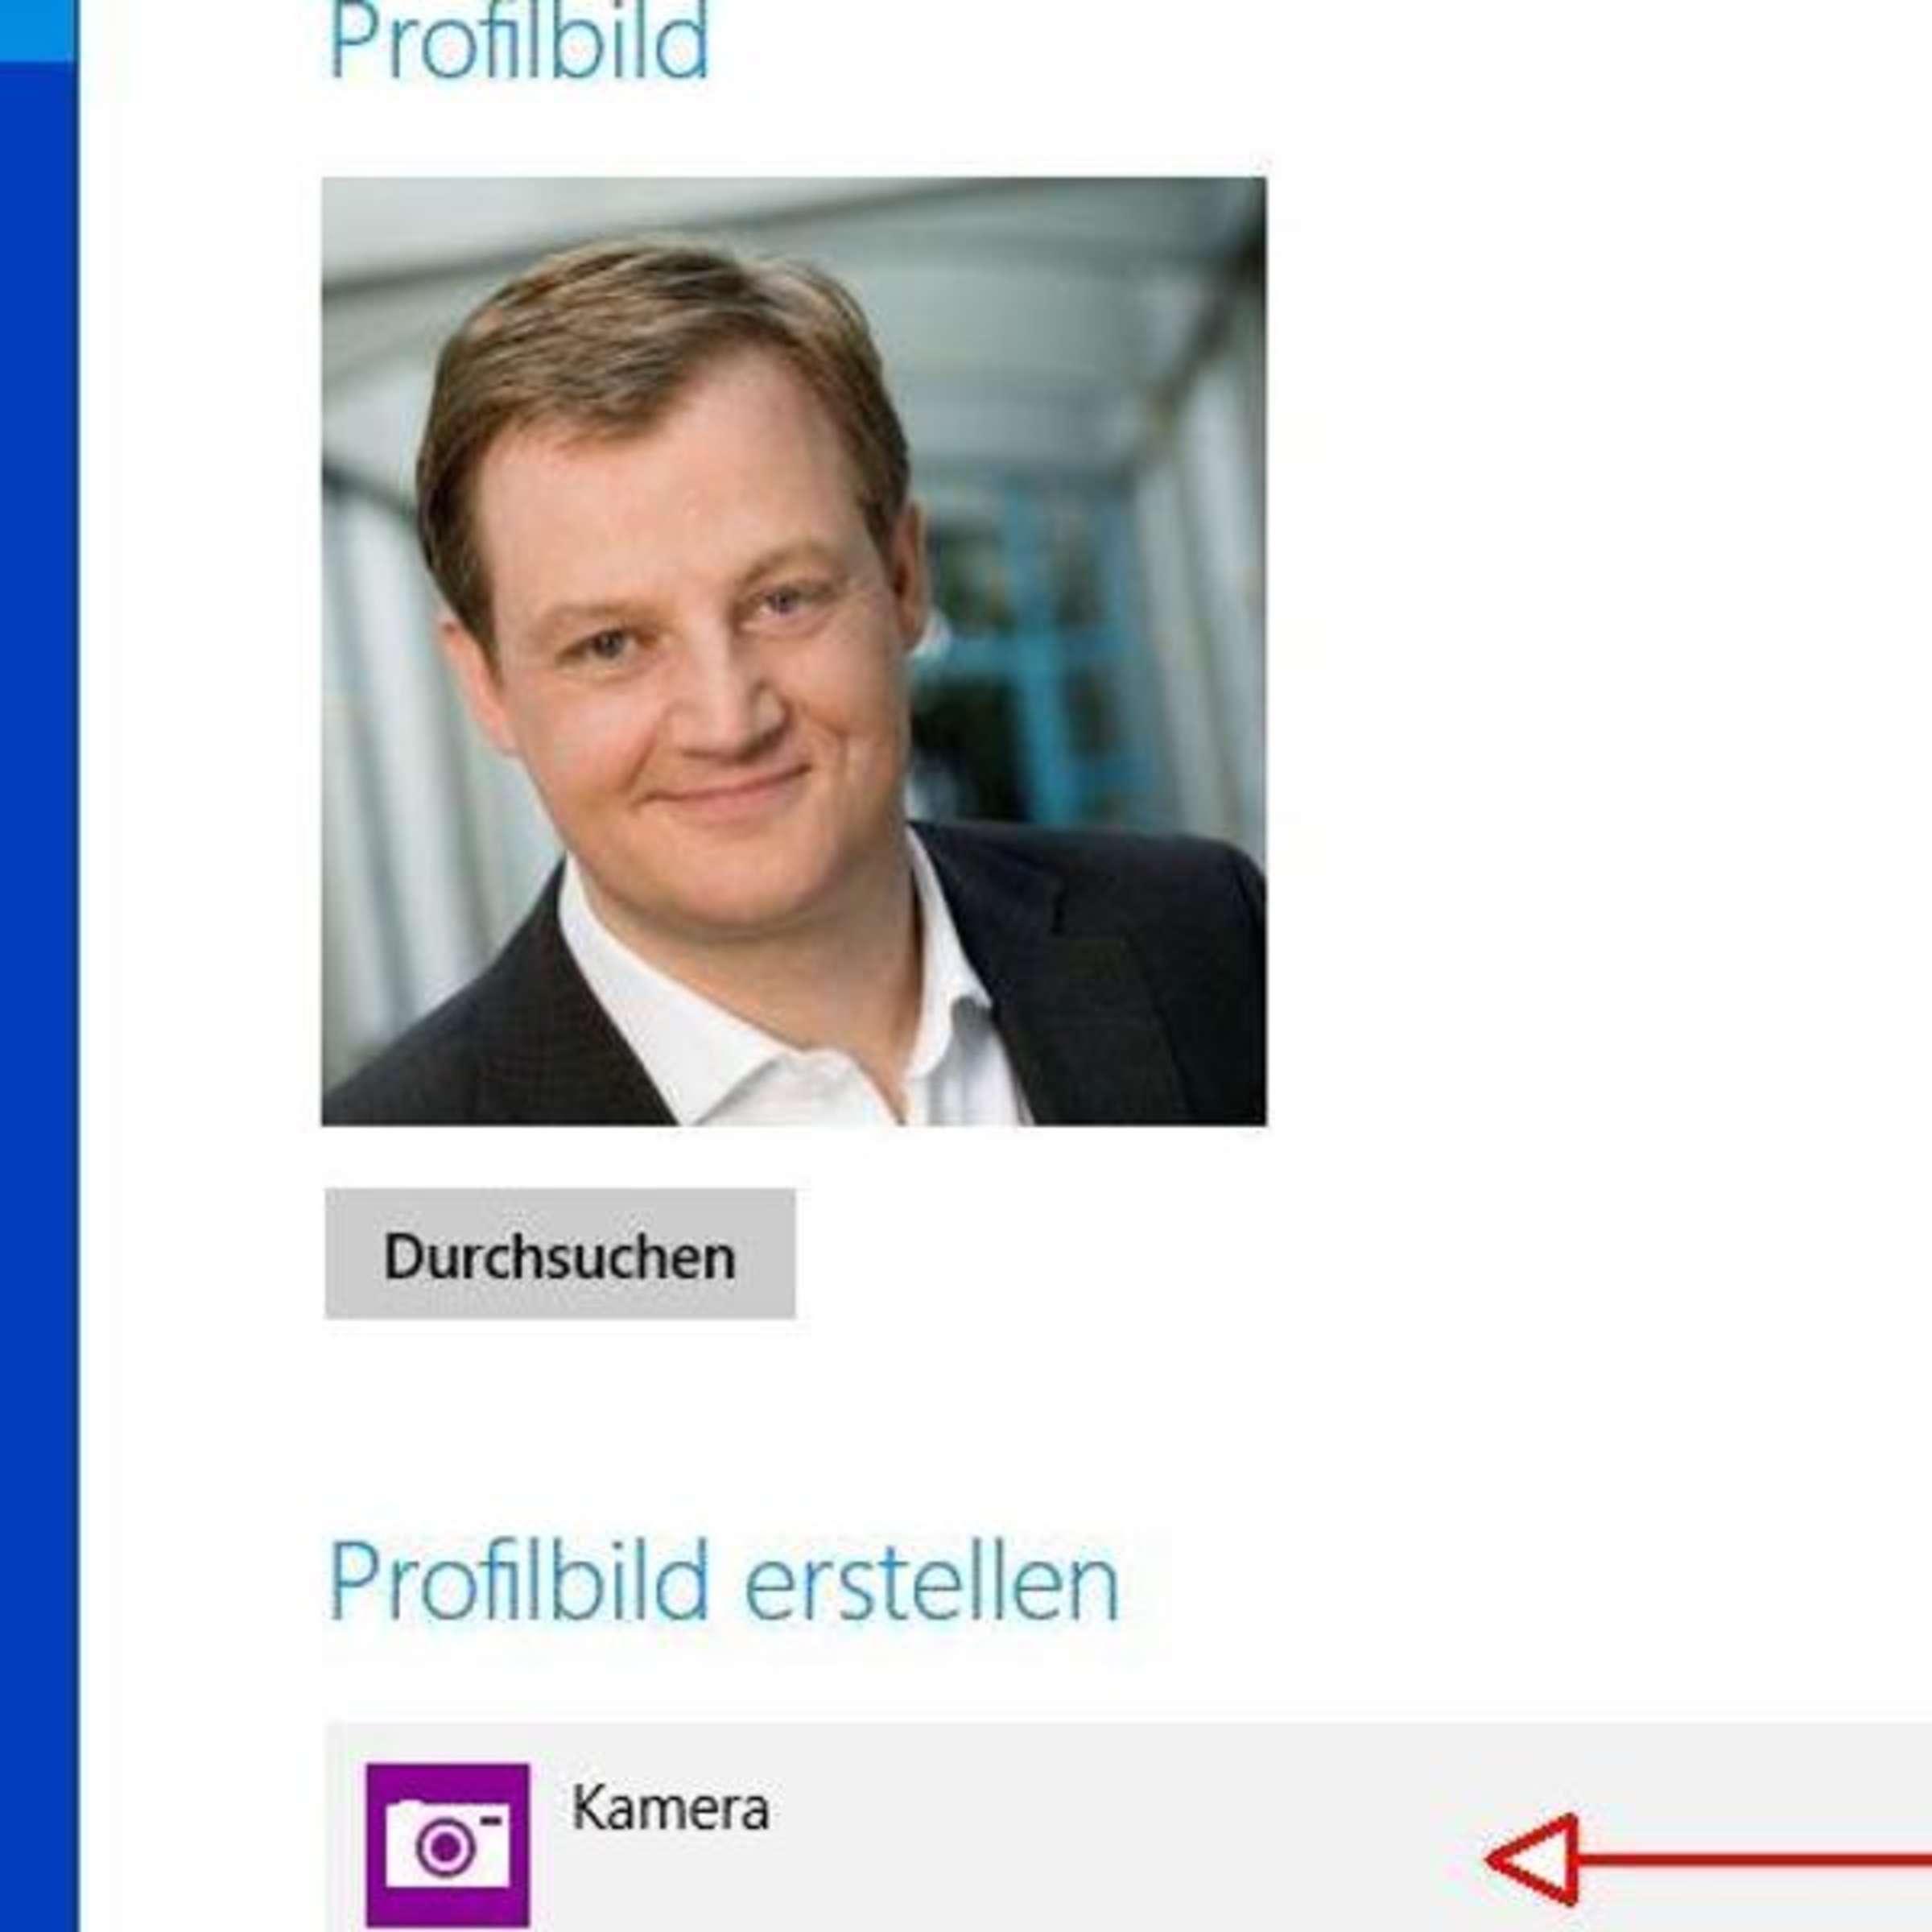 Erstellen profilbild Profilbild für